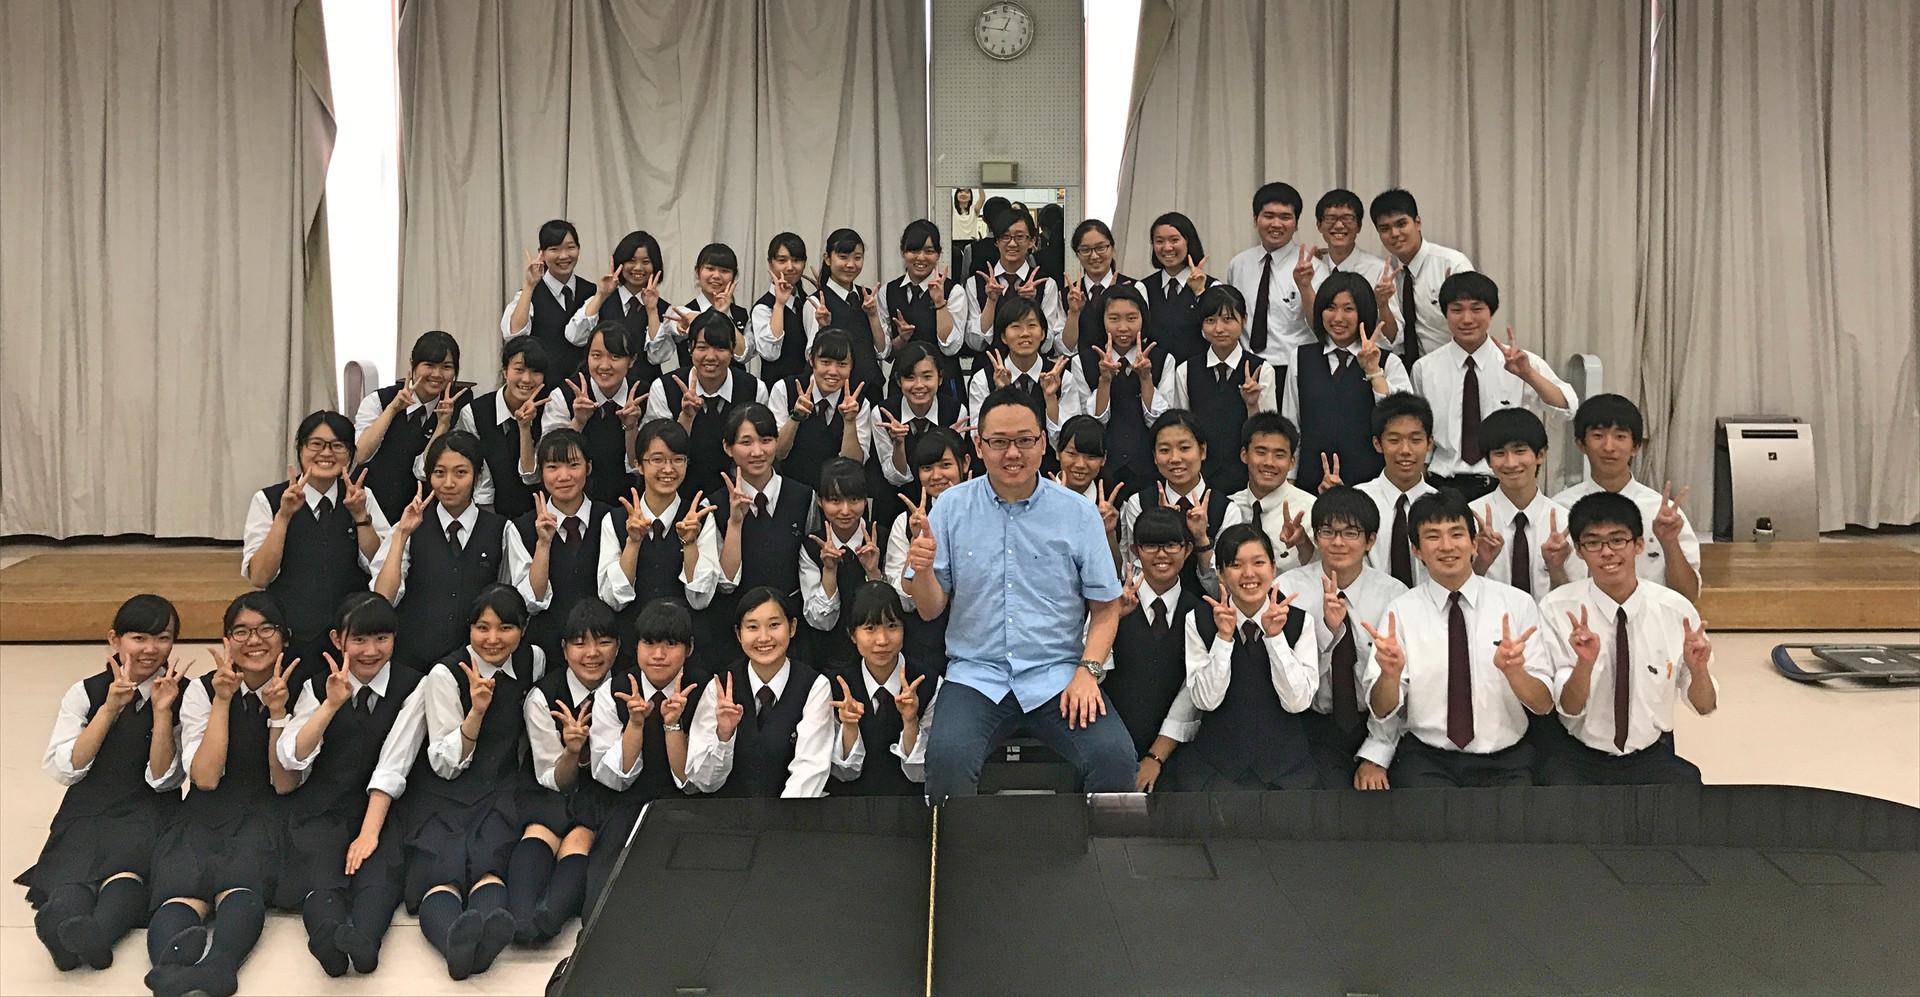 伊奈学園総合高等学校合唱部の皆さんと。  2017.7